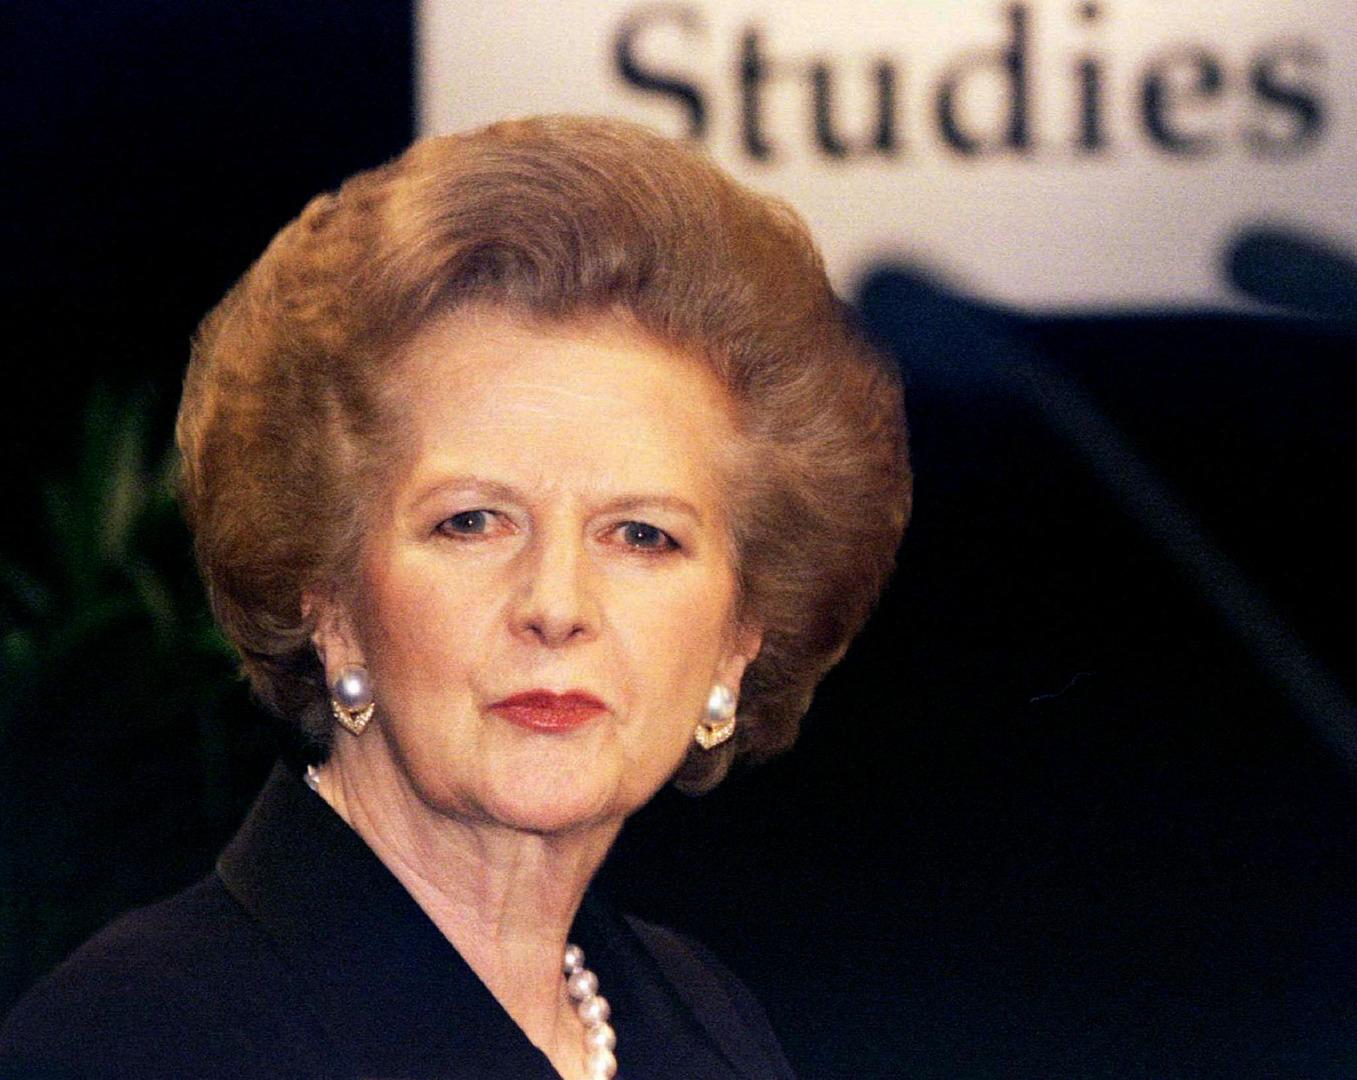 استطلاع: البريطانيون يتوقون للمرأة الحديدية